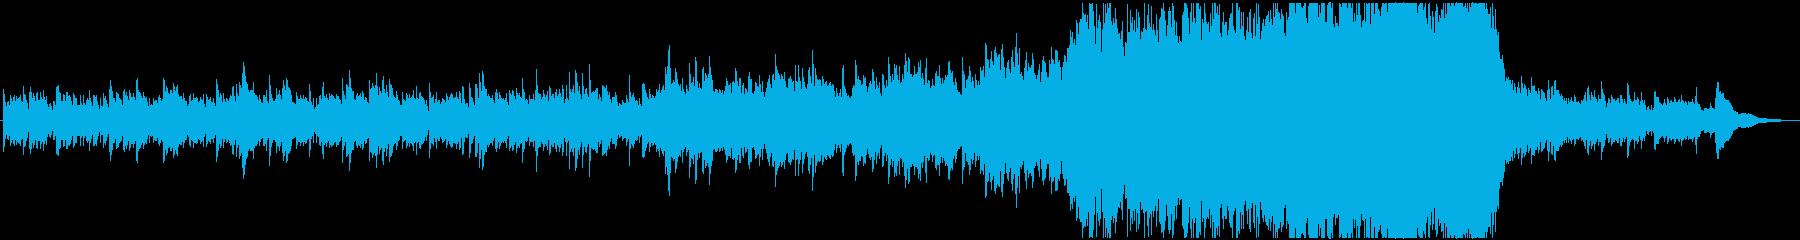 動画 センチメンタル 感情的 やる...の再生済みの波形